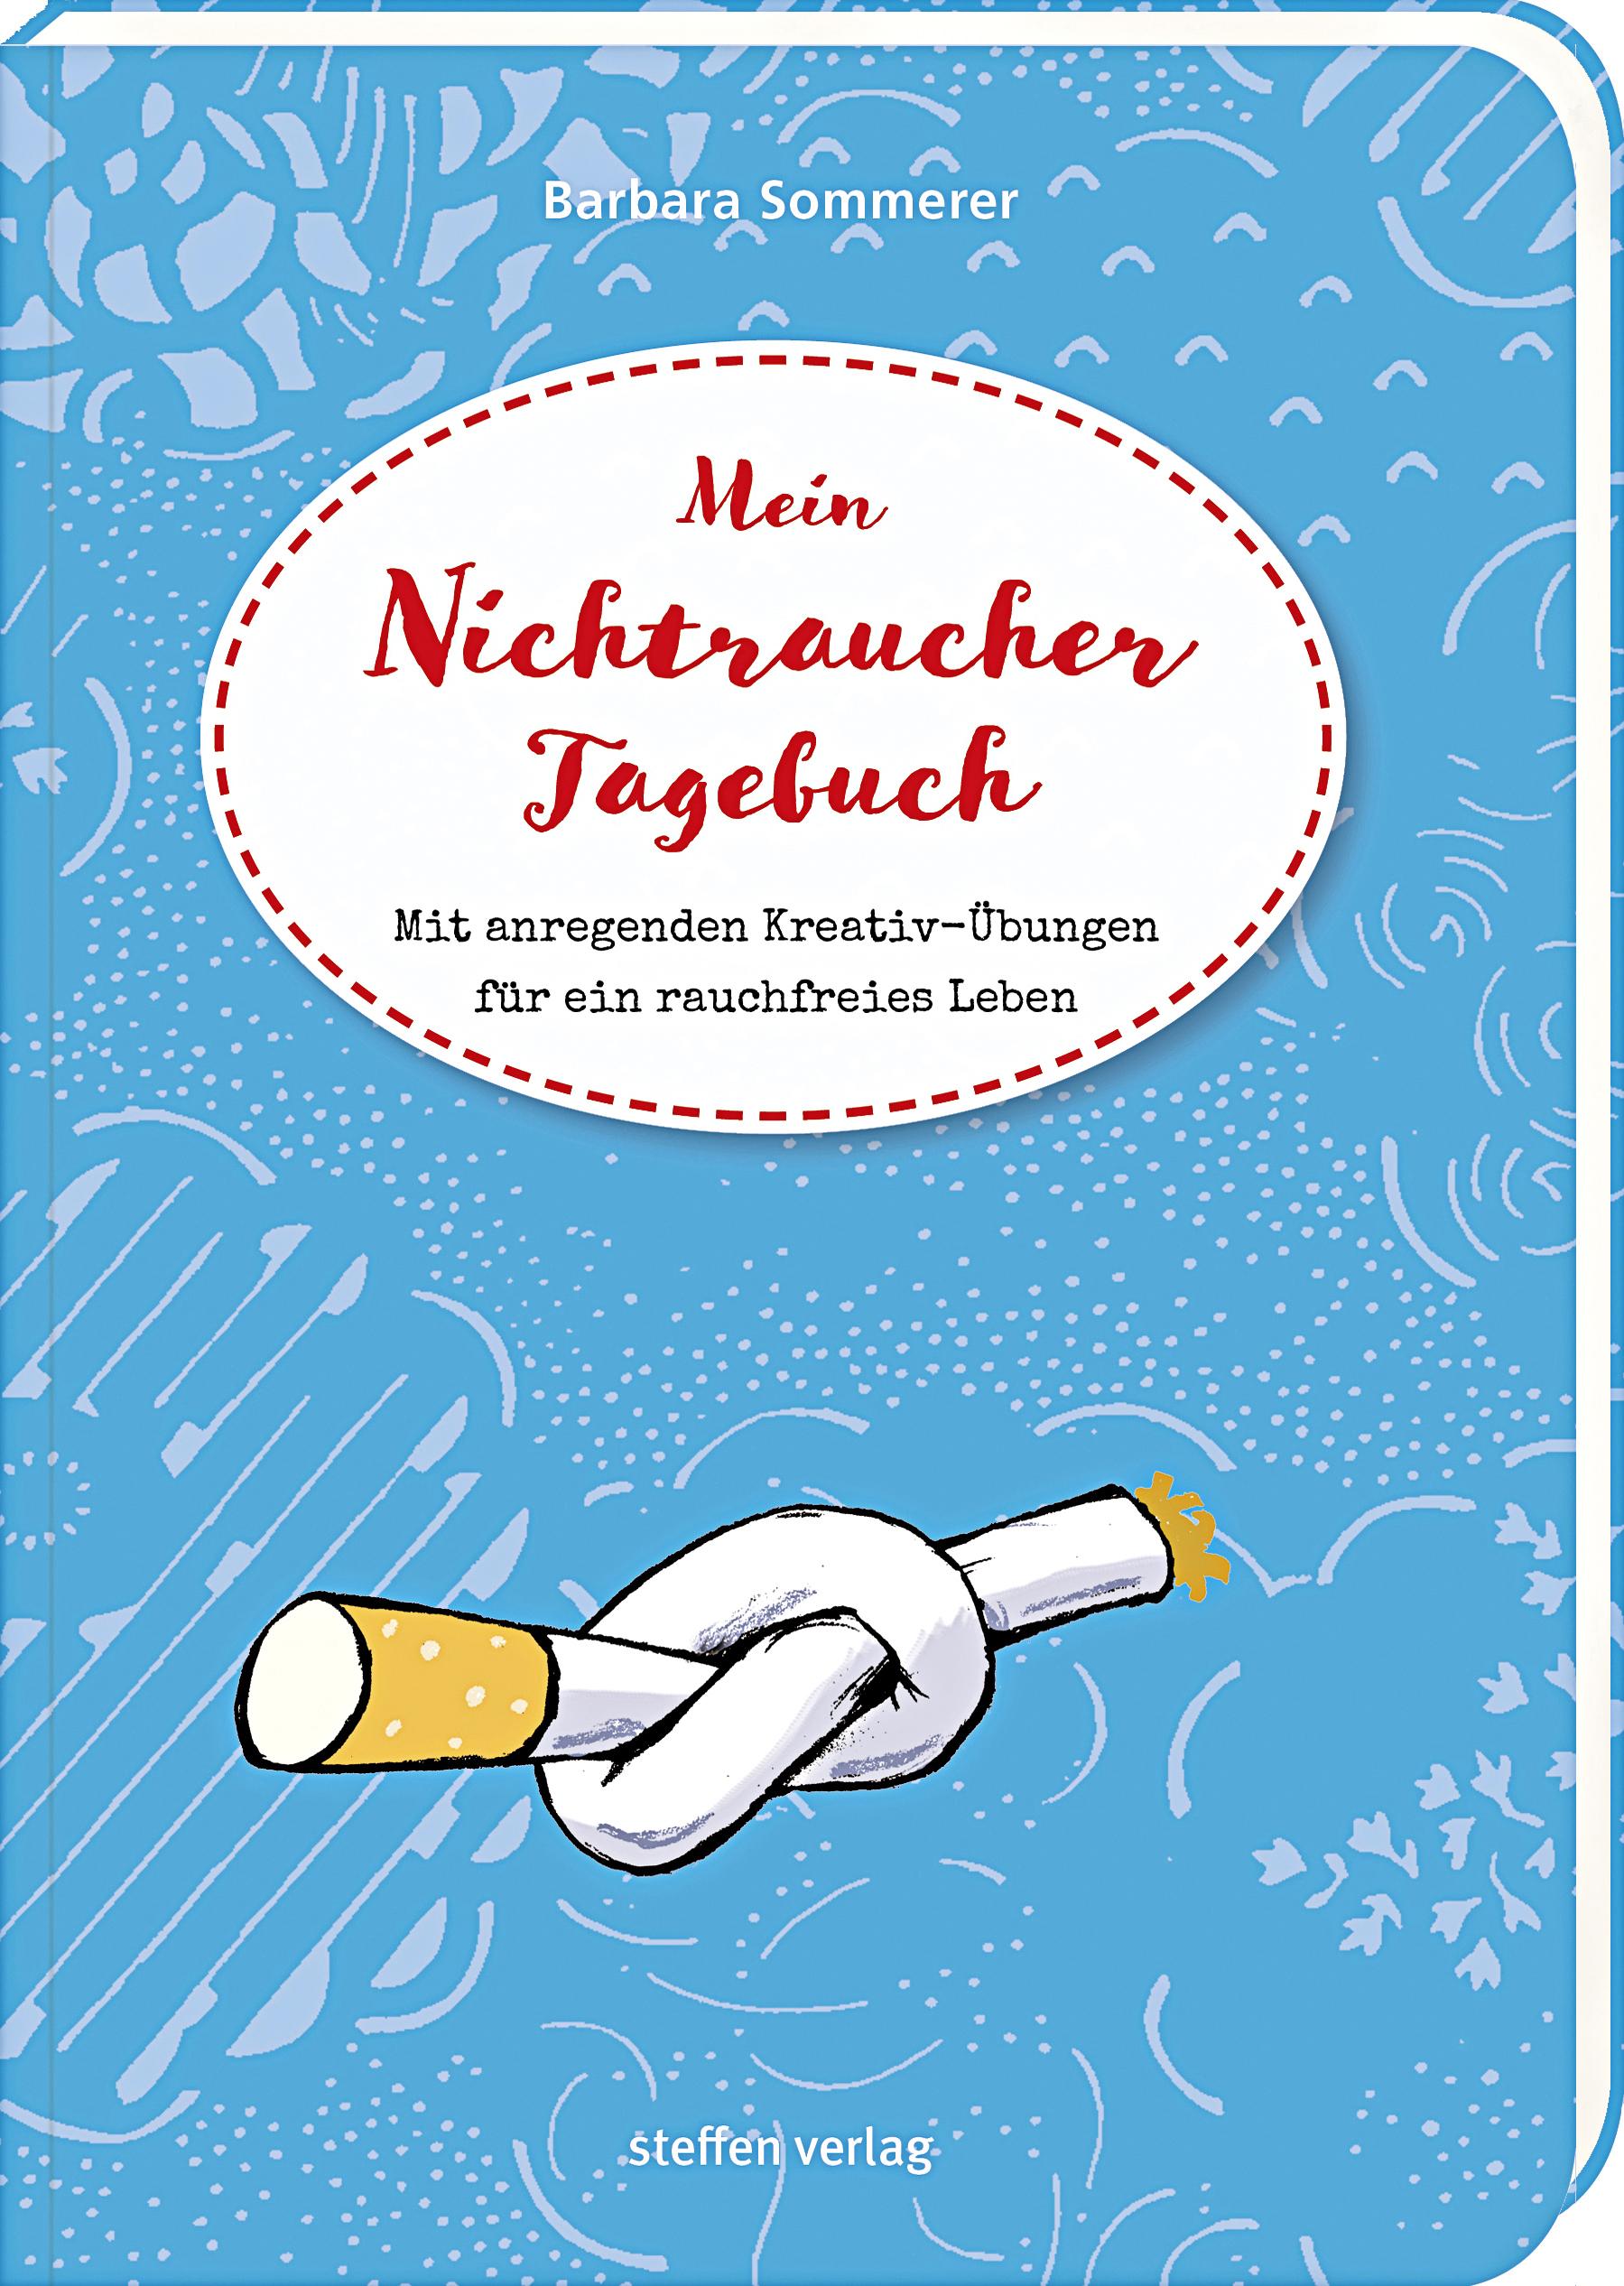 Sommerer_Tessmann_Nichtraucherbuch_3DjxxjVFauqgt9C